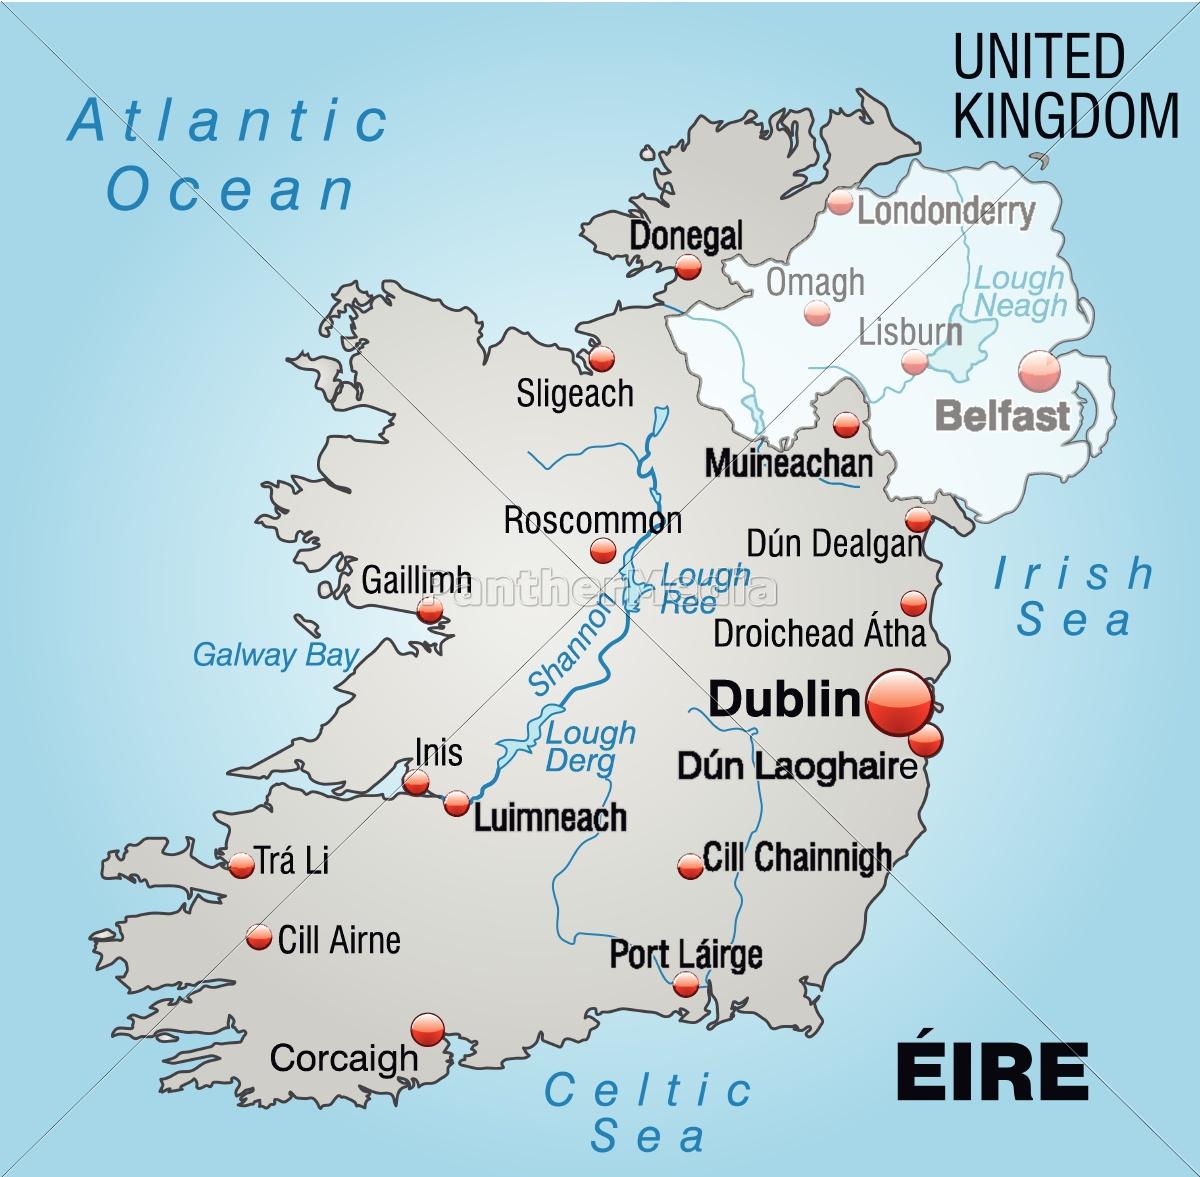 Irland Karte.Lizenzfreie Vektorgrafik 10655131 Karte Von Irland Als Ubersichtskarte In Grau